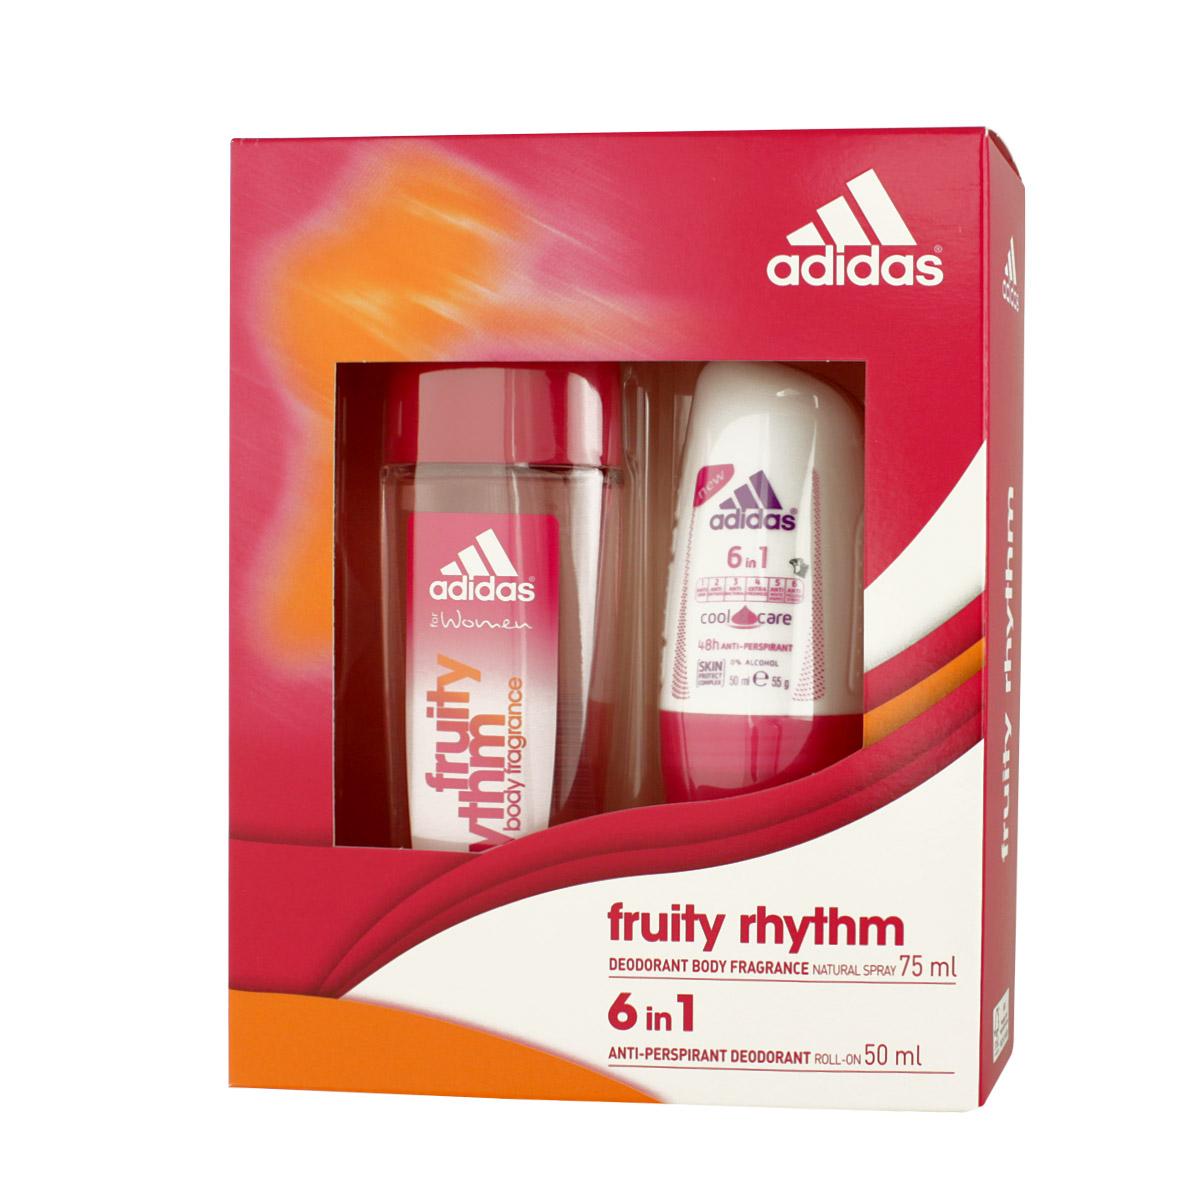 Adidas Fruity Rhythm DEO ve skle 75 ml + 6in1 Anti-perspirant Roll-on 50 ml